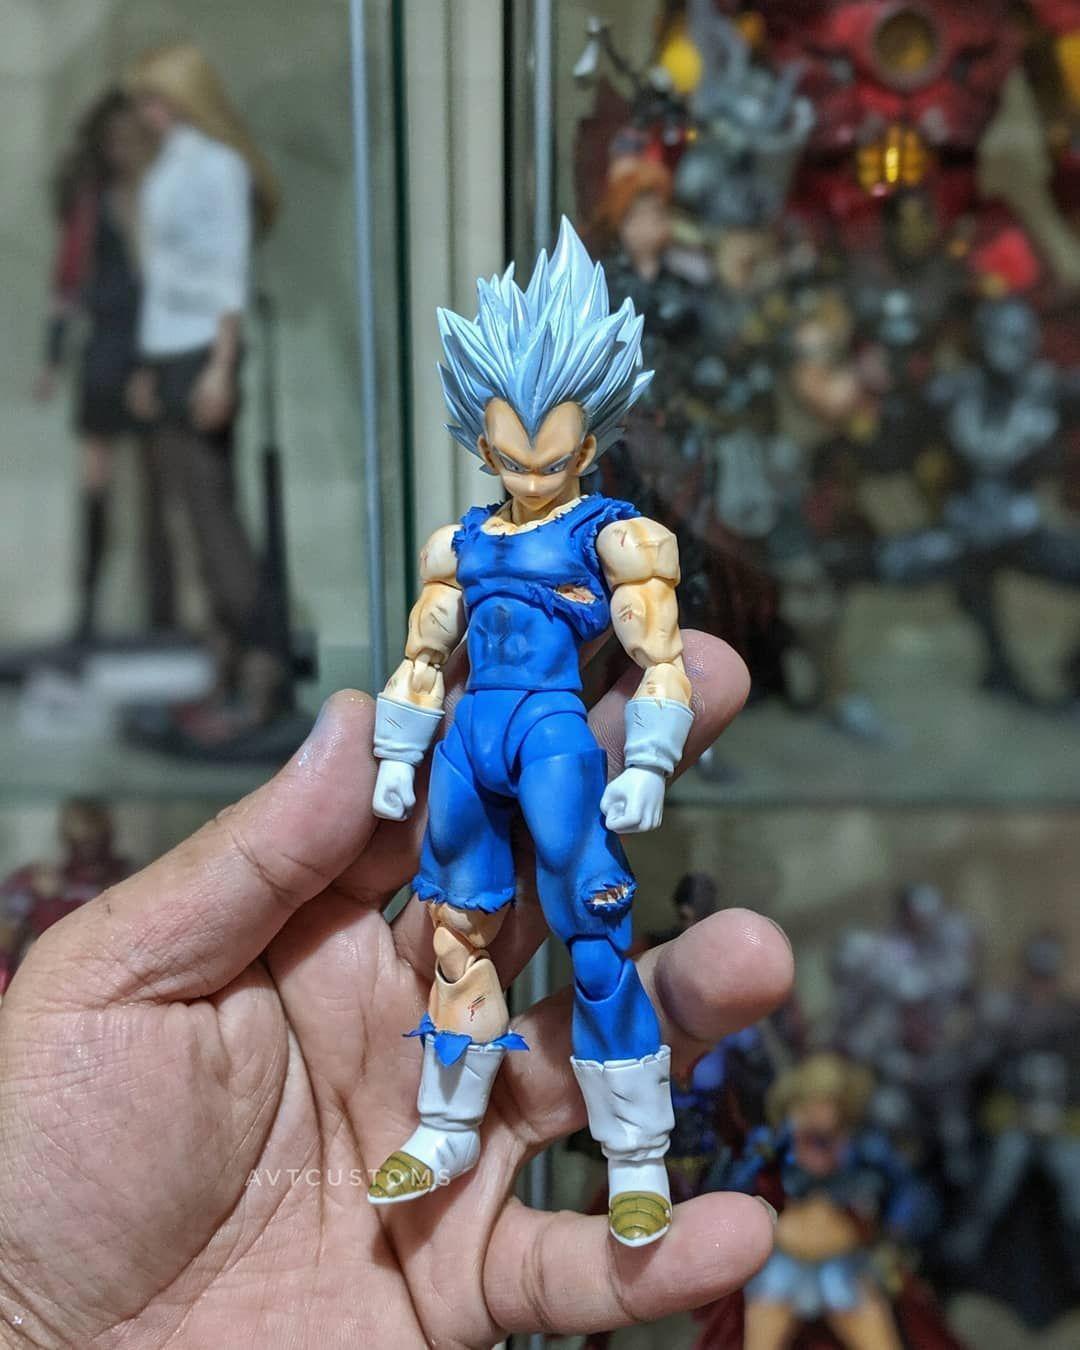 Shf Custom Mastered Ultra Instinct Vegeta Super Saiyan Blue Custom Action Figures Super Saiyan God